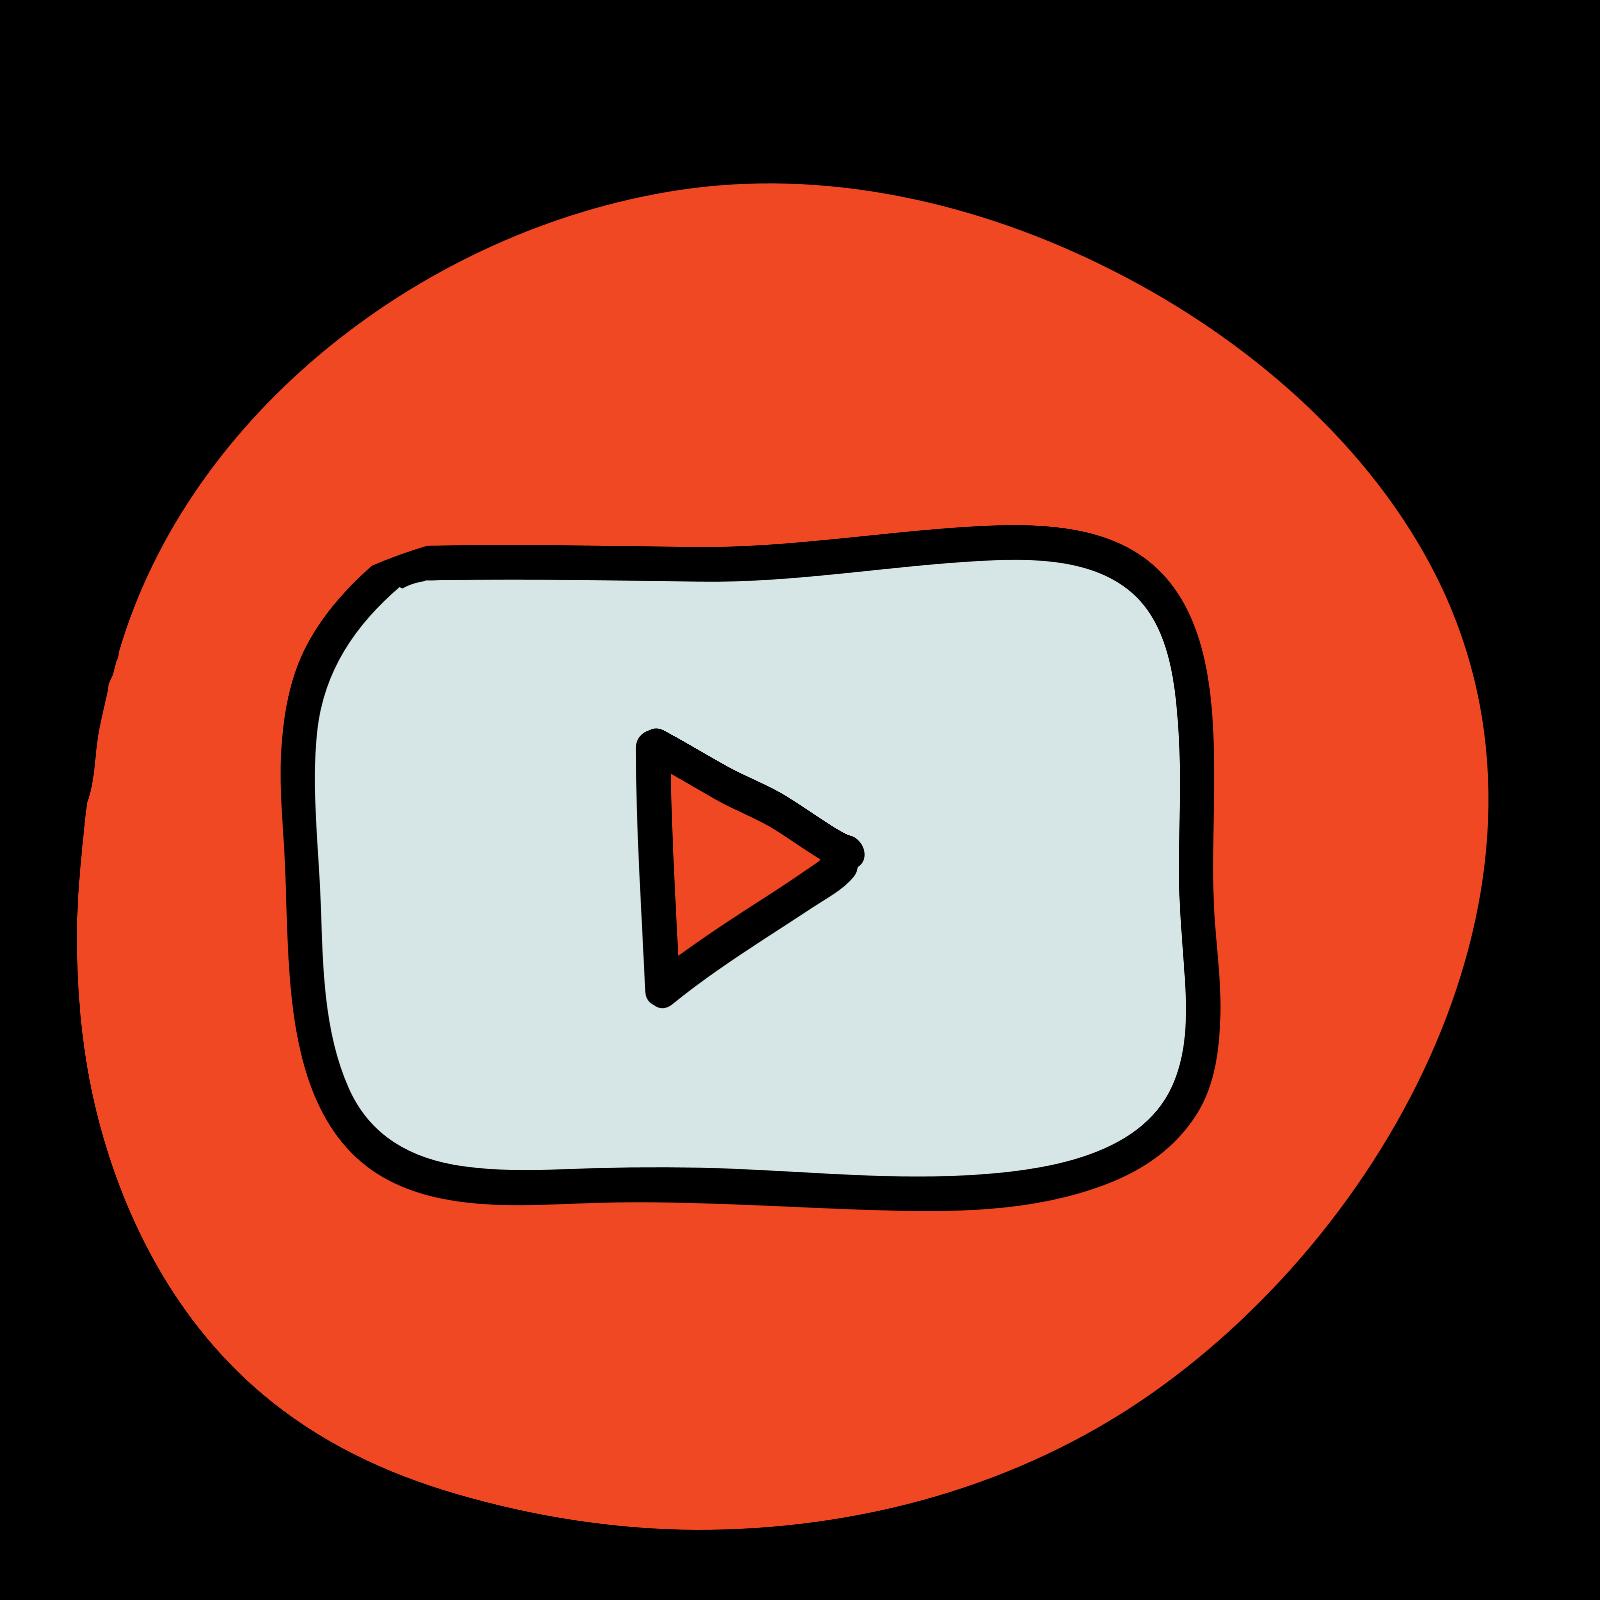 Odtwarzanie w portalu YouTube icon